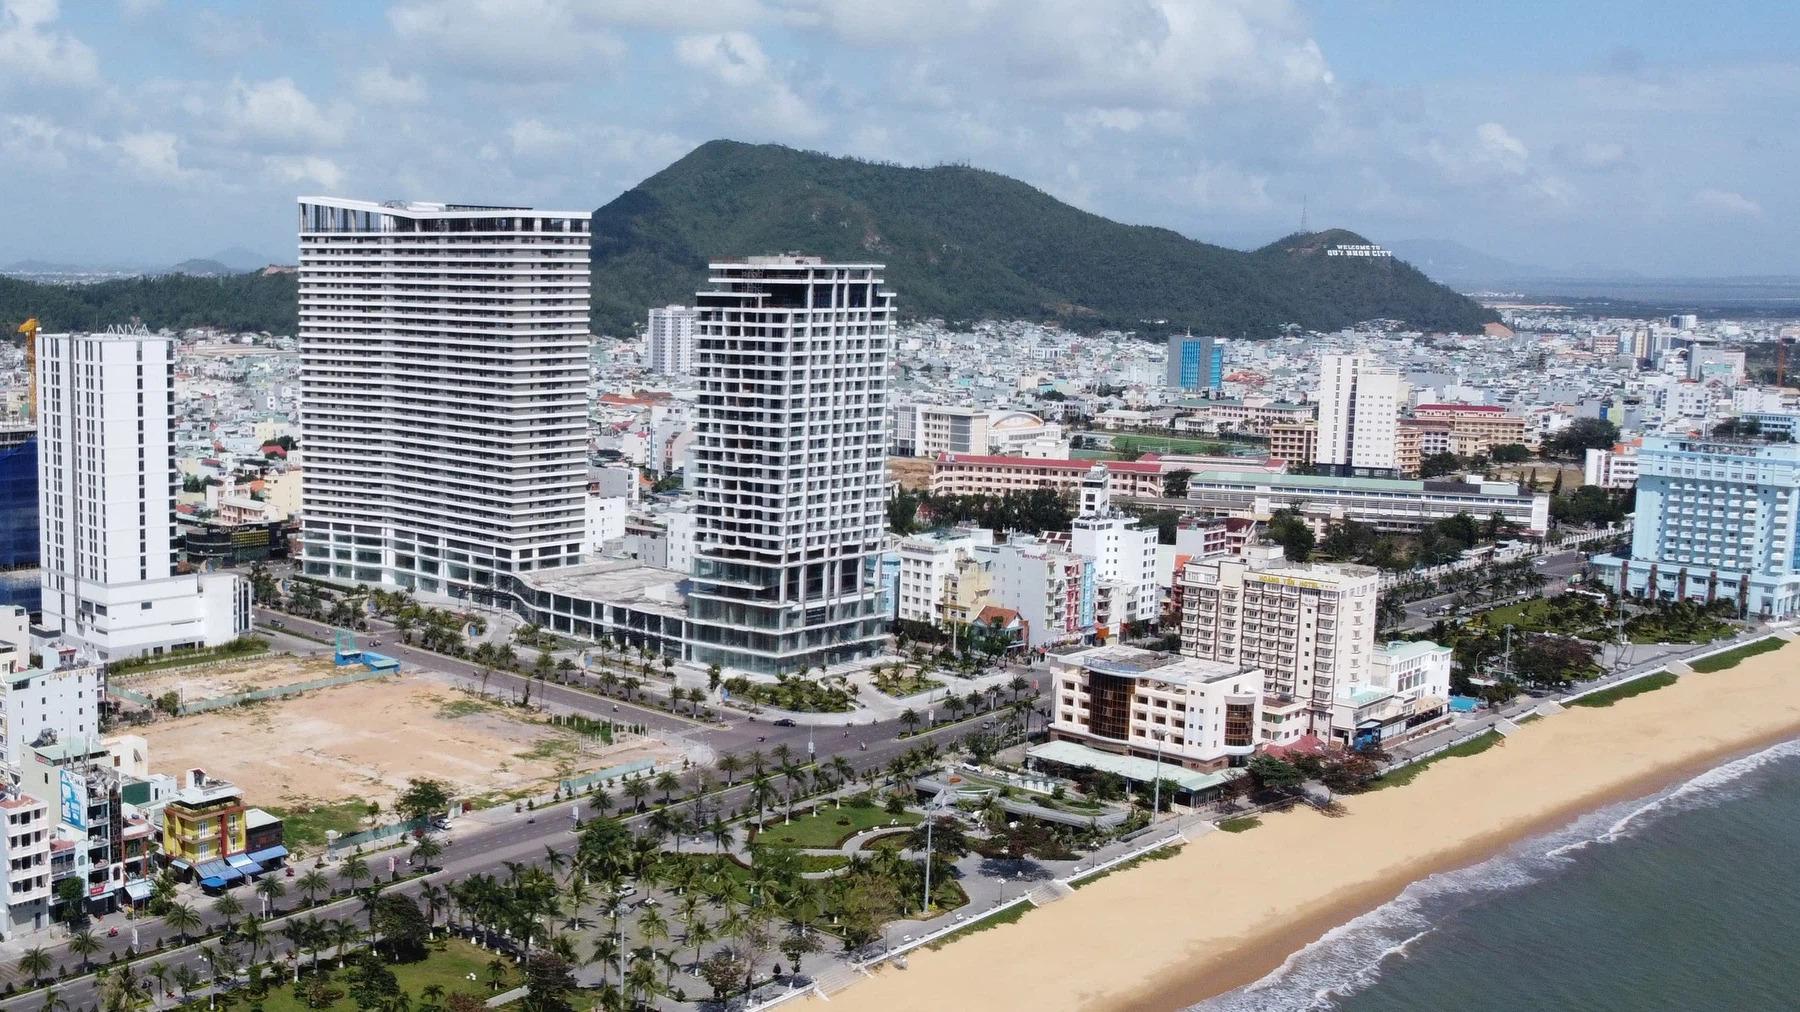 Đề nghị không làm biến động nghĩa vụ tài chính đất đai với dự án FLC Sea Tower Quy Nhơn - Ảnh 1.